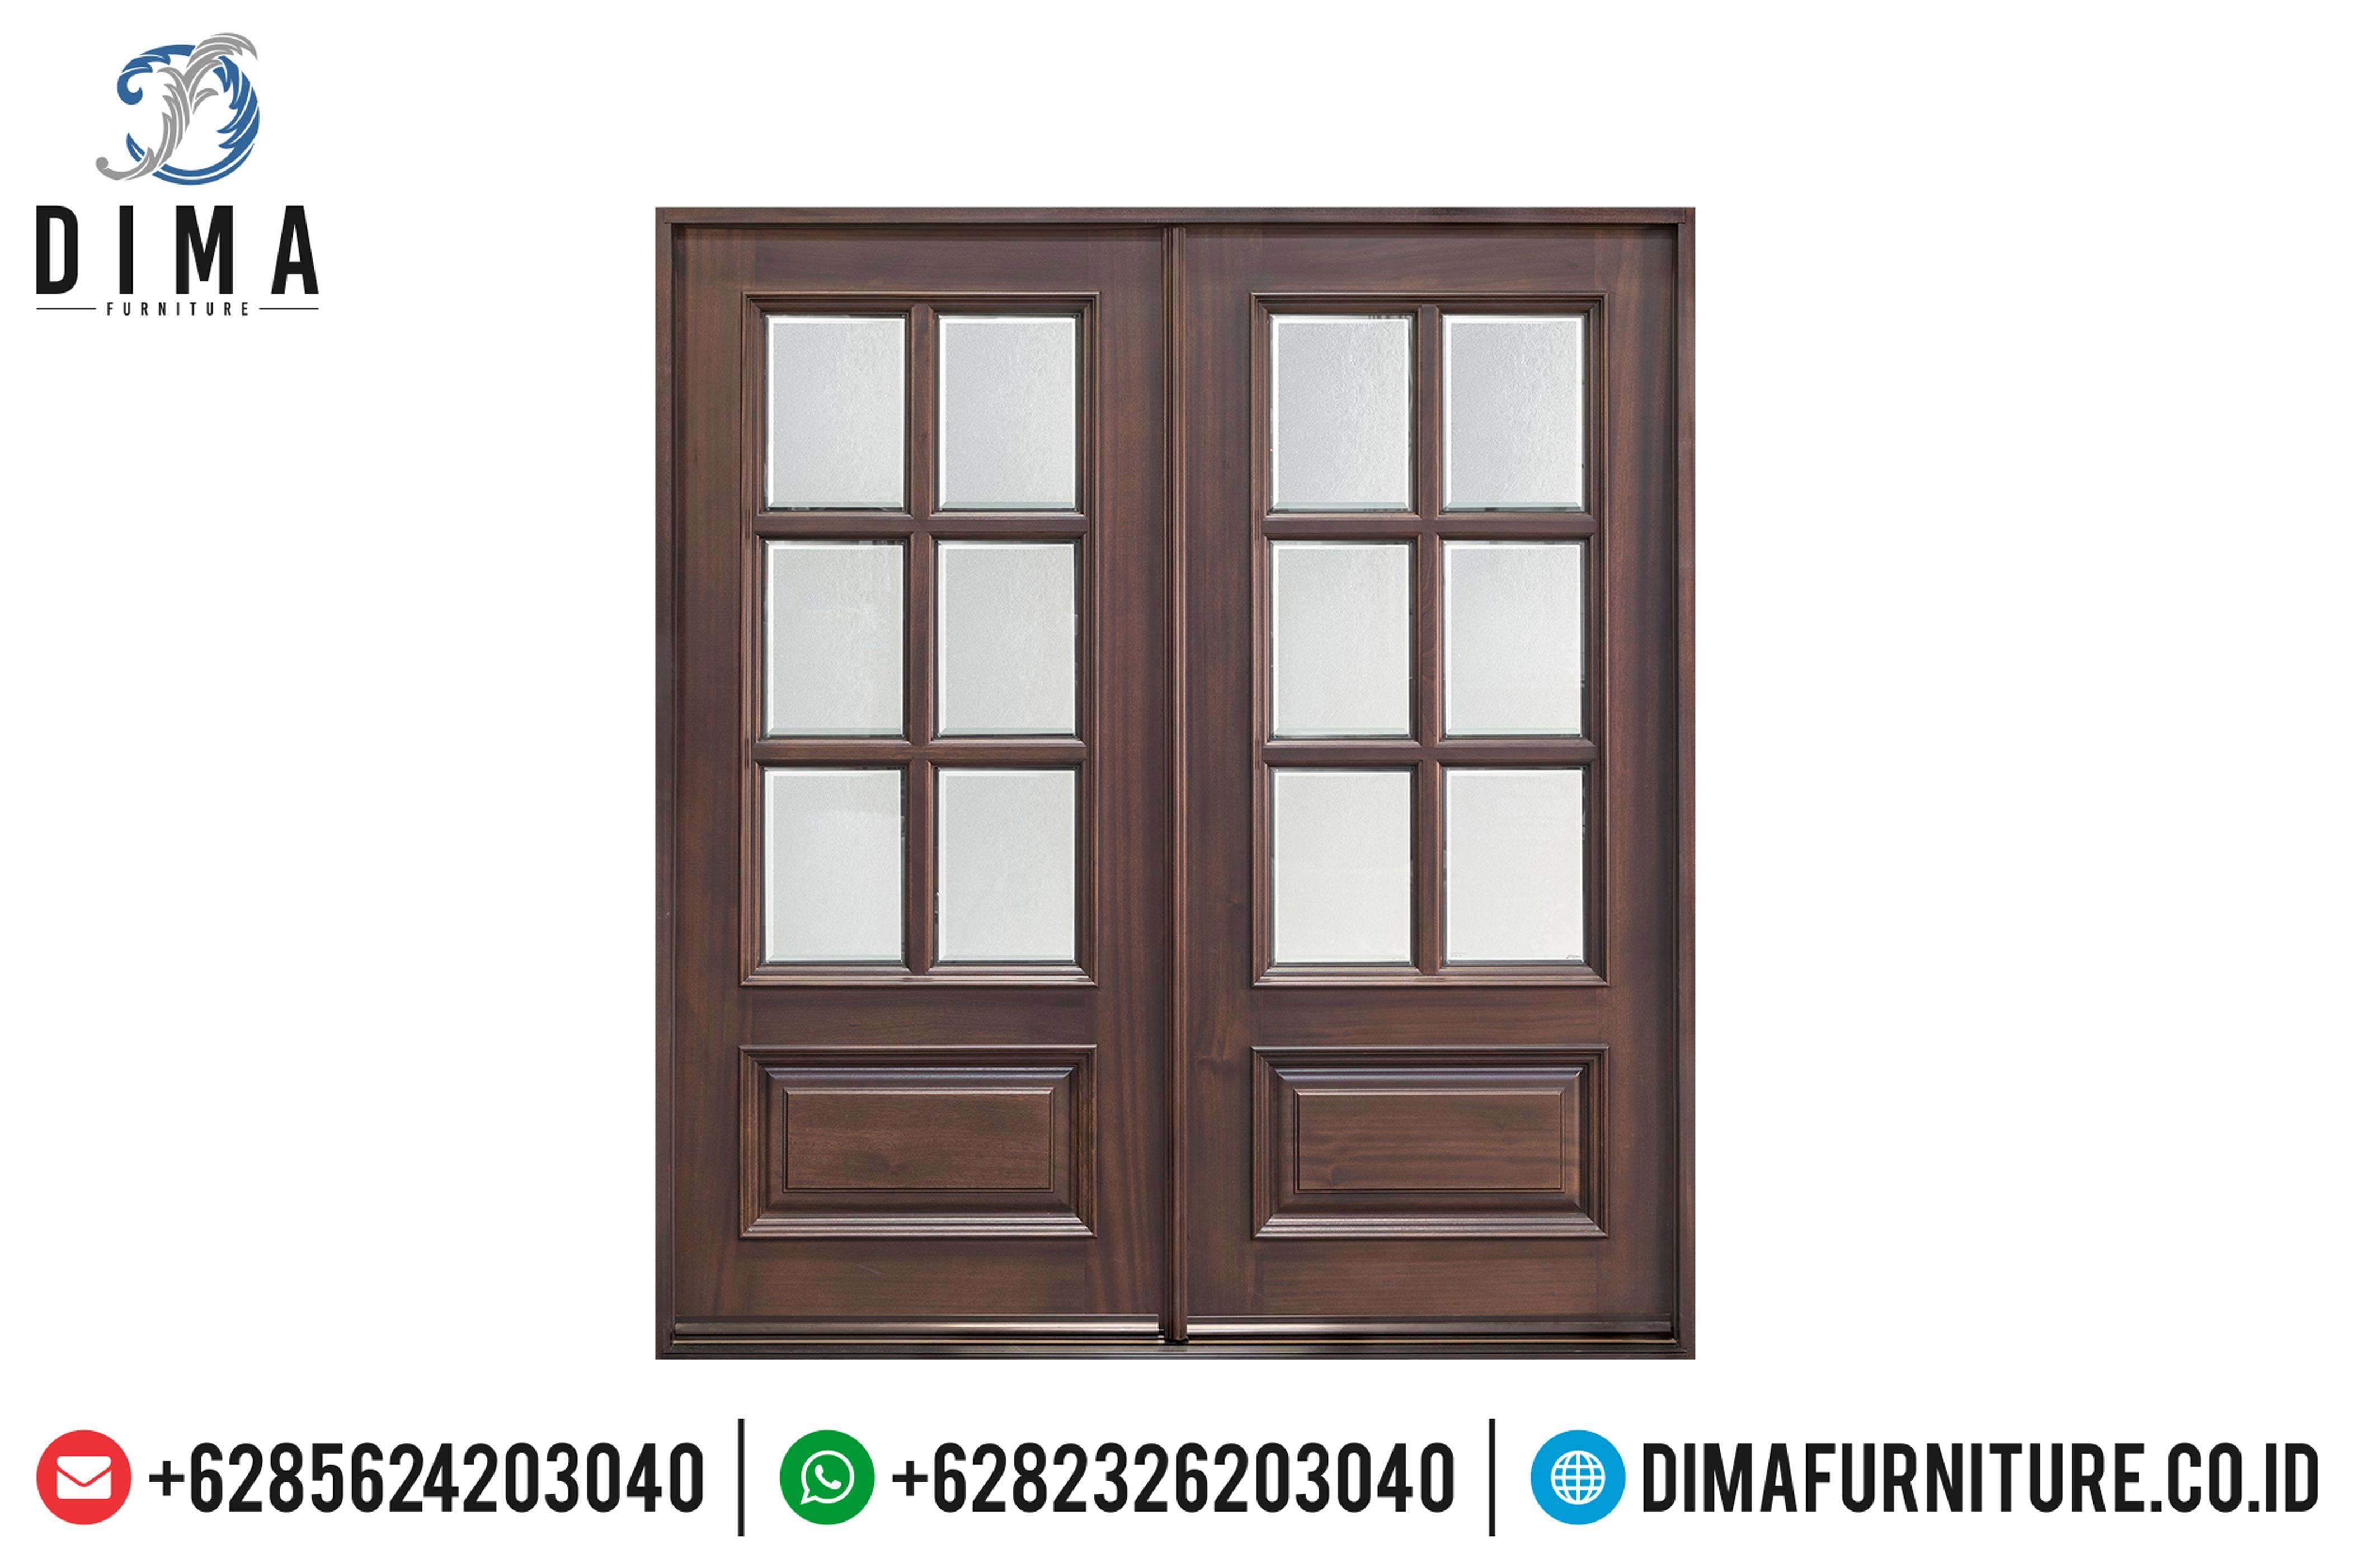 Jual Pintu Rumah Jati, Pintu Jati Jepara Mewah, Kusen Pintu Rumah DF-0887